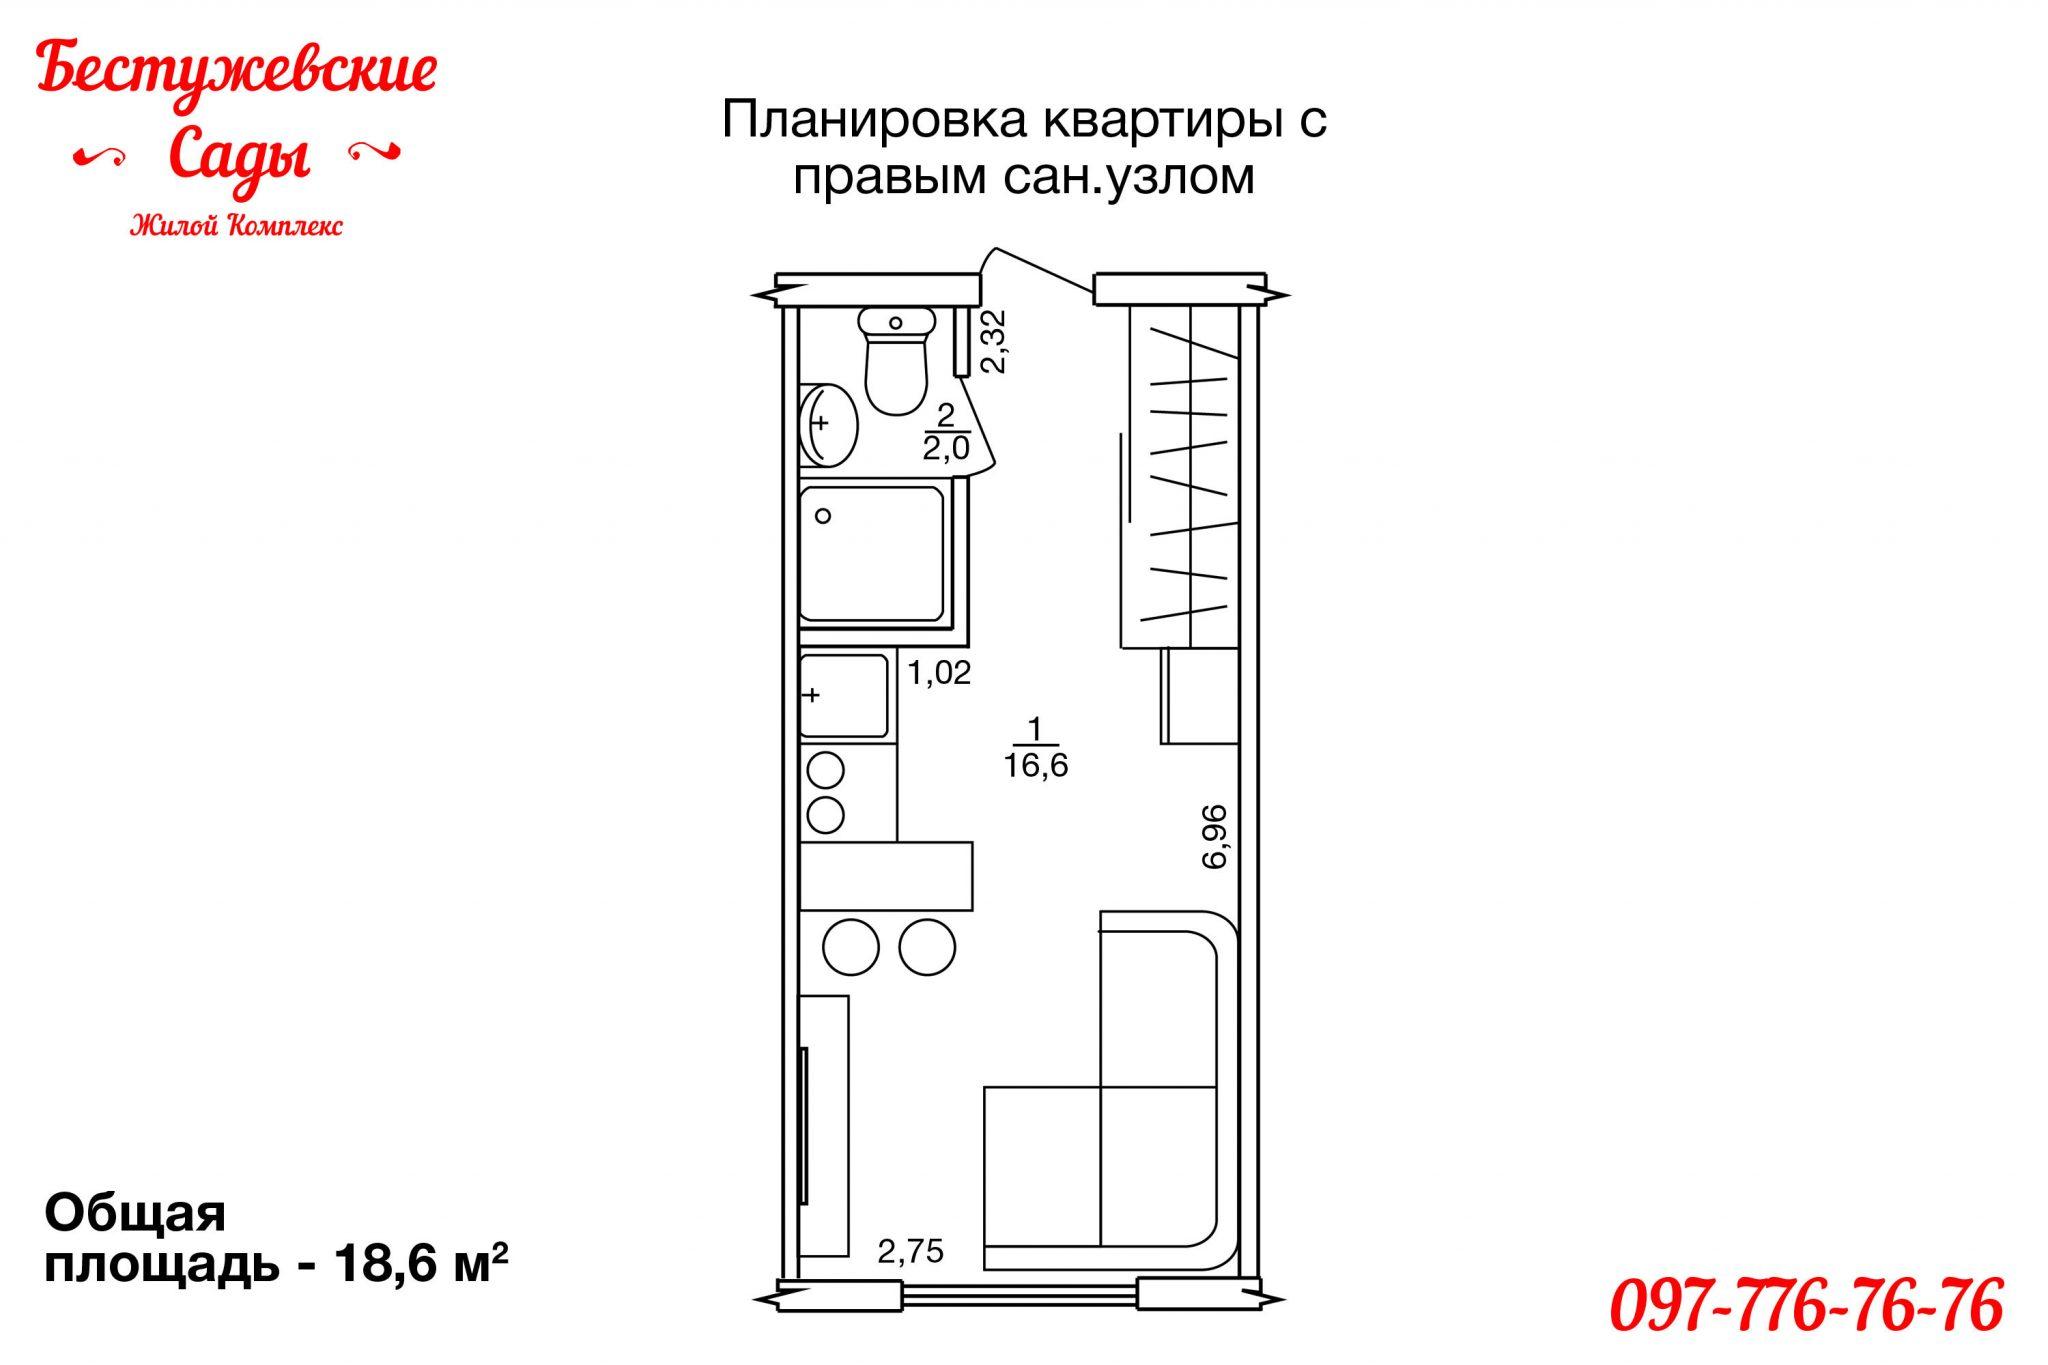 Жилая недвижимость в Харькове